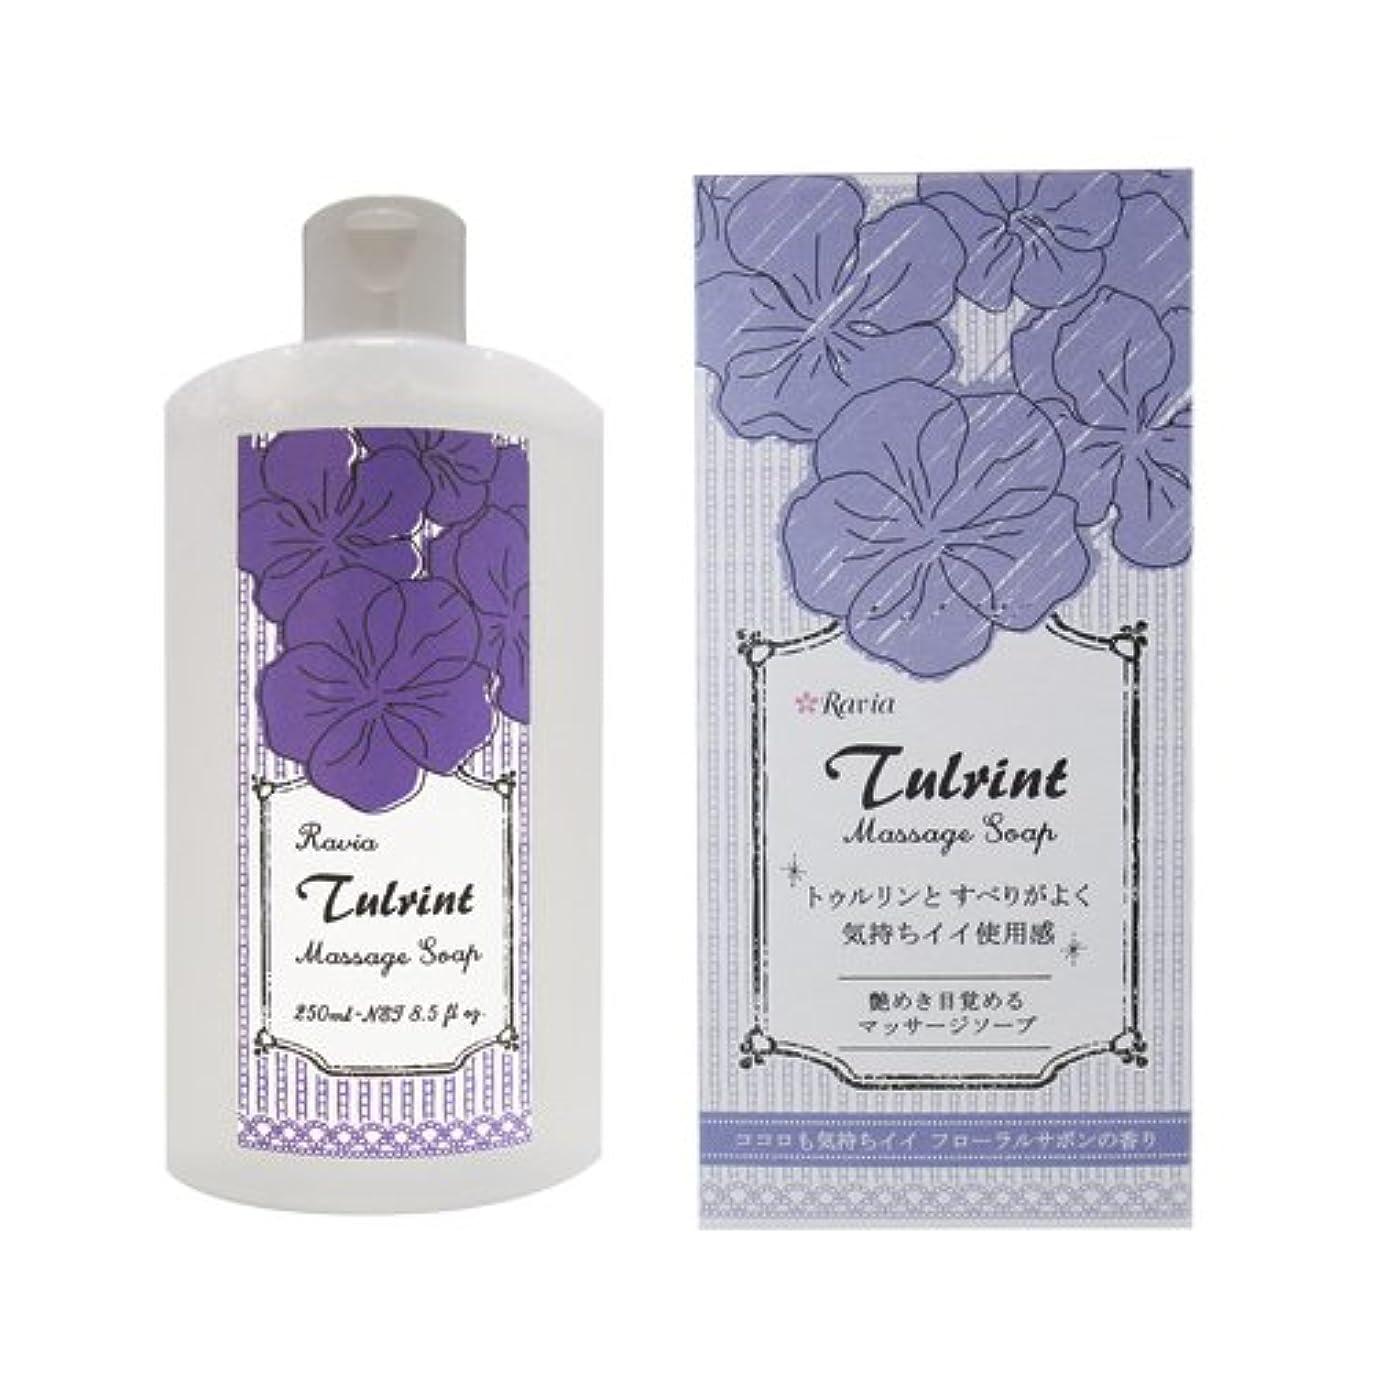 ひばりクレア一月【マッサージソープ】ラヴィア(Ravia) トゥルリント マッサージソープ(Tulrint Massage soap) 250ml フローラルサボンの香り